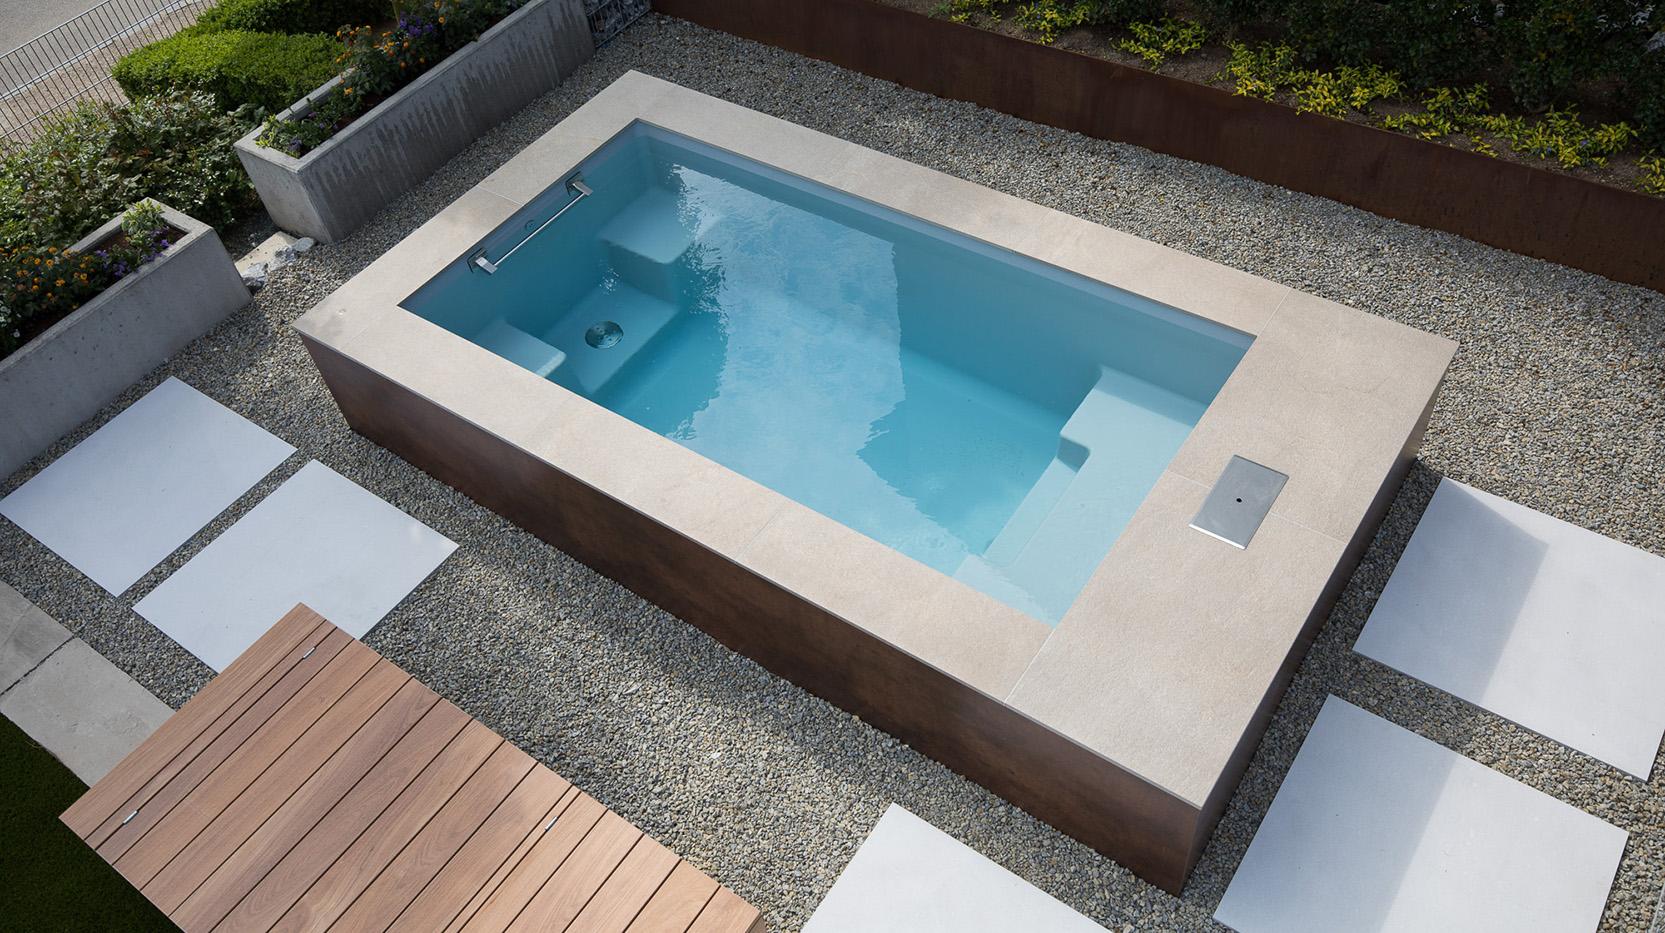 Full Size of Gebrauchte Gfk Pools Kaufen Regale Betten Fenster Küche Einbauküche Verkaufen Wohnzimmer Gebrauchte Gfk Pools